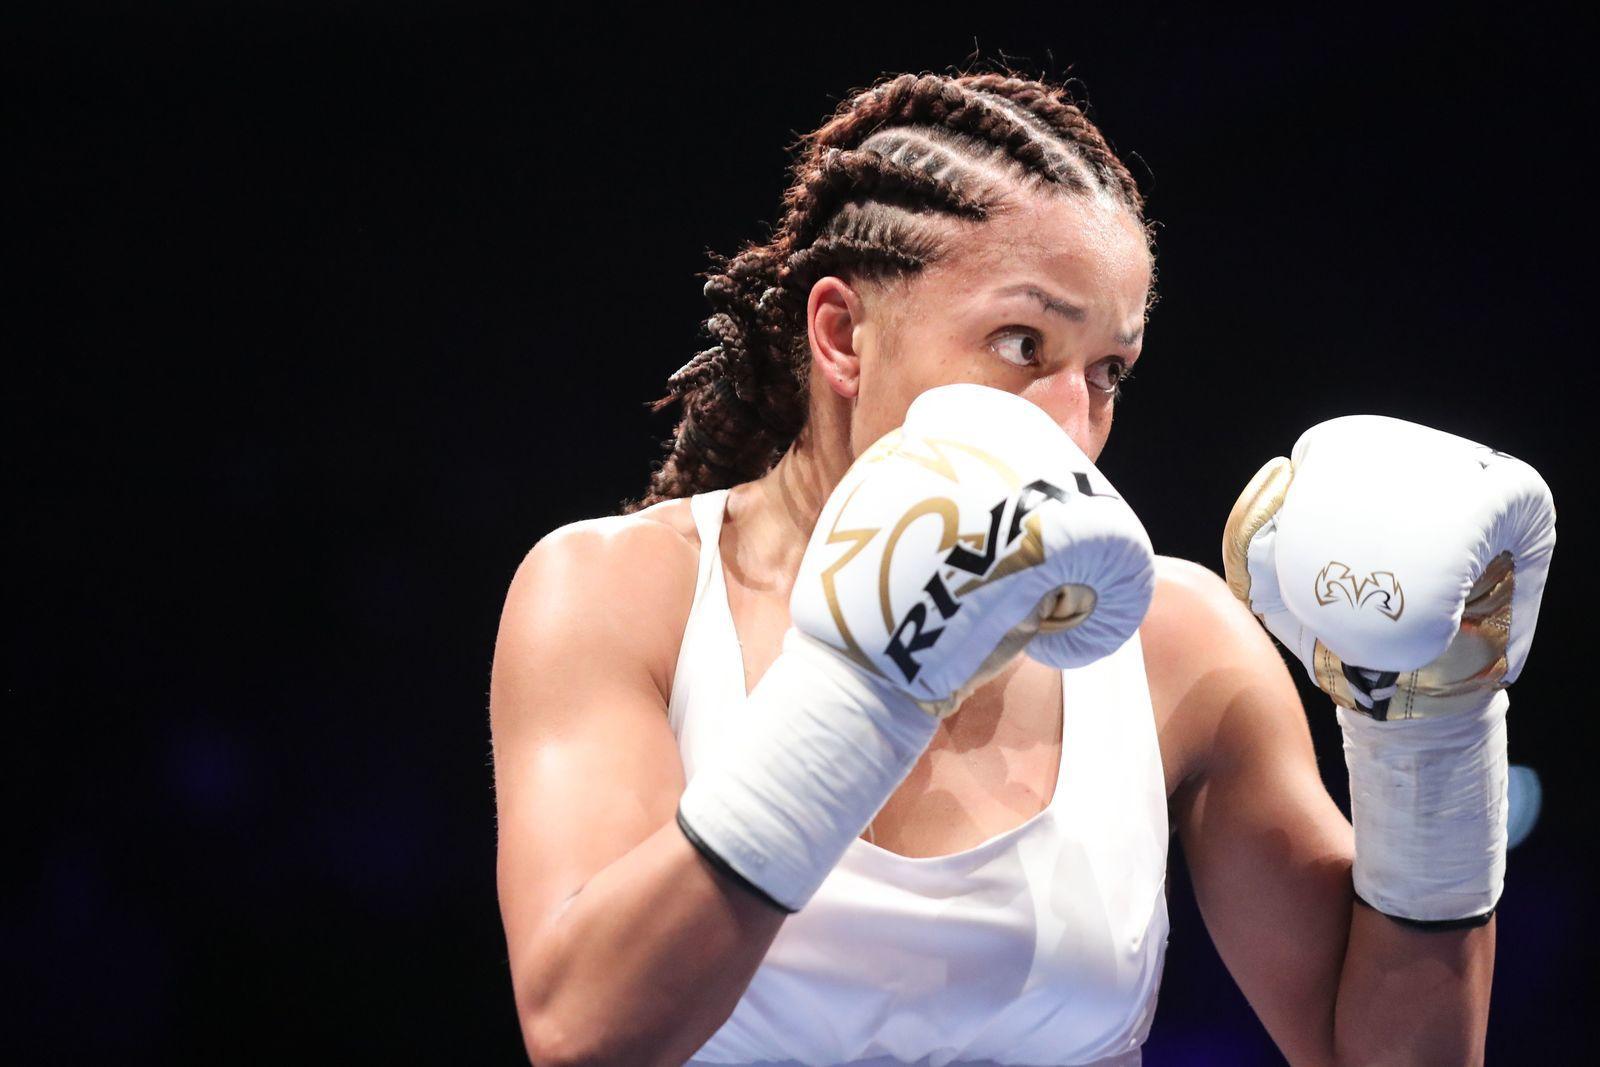 Une ceinture mondiale pour Estelle Yoka Mossely ? Un combat à suivre ce soir sur L'Equipe.